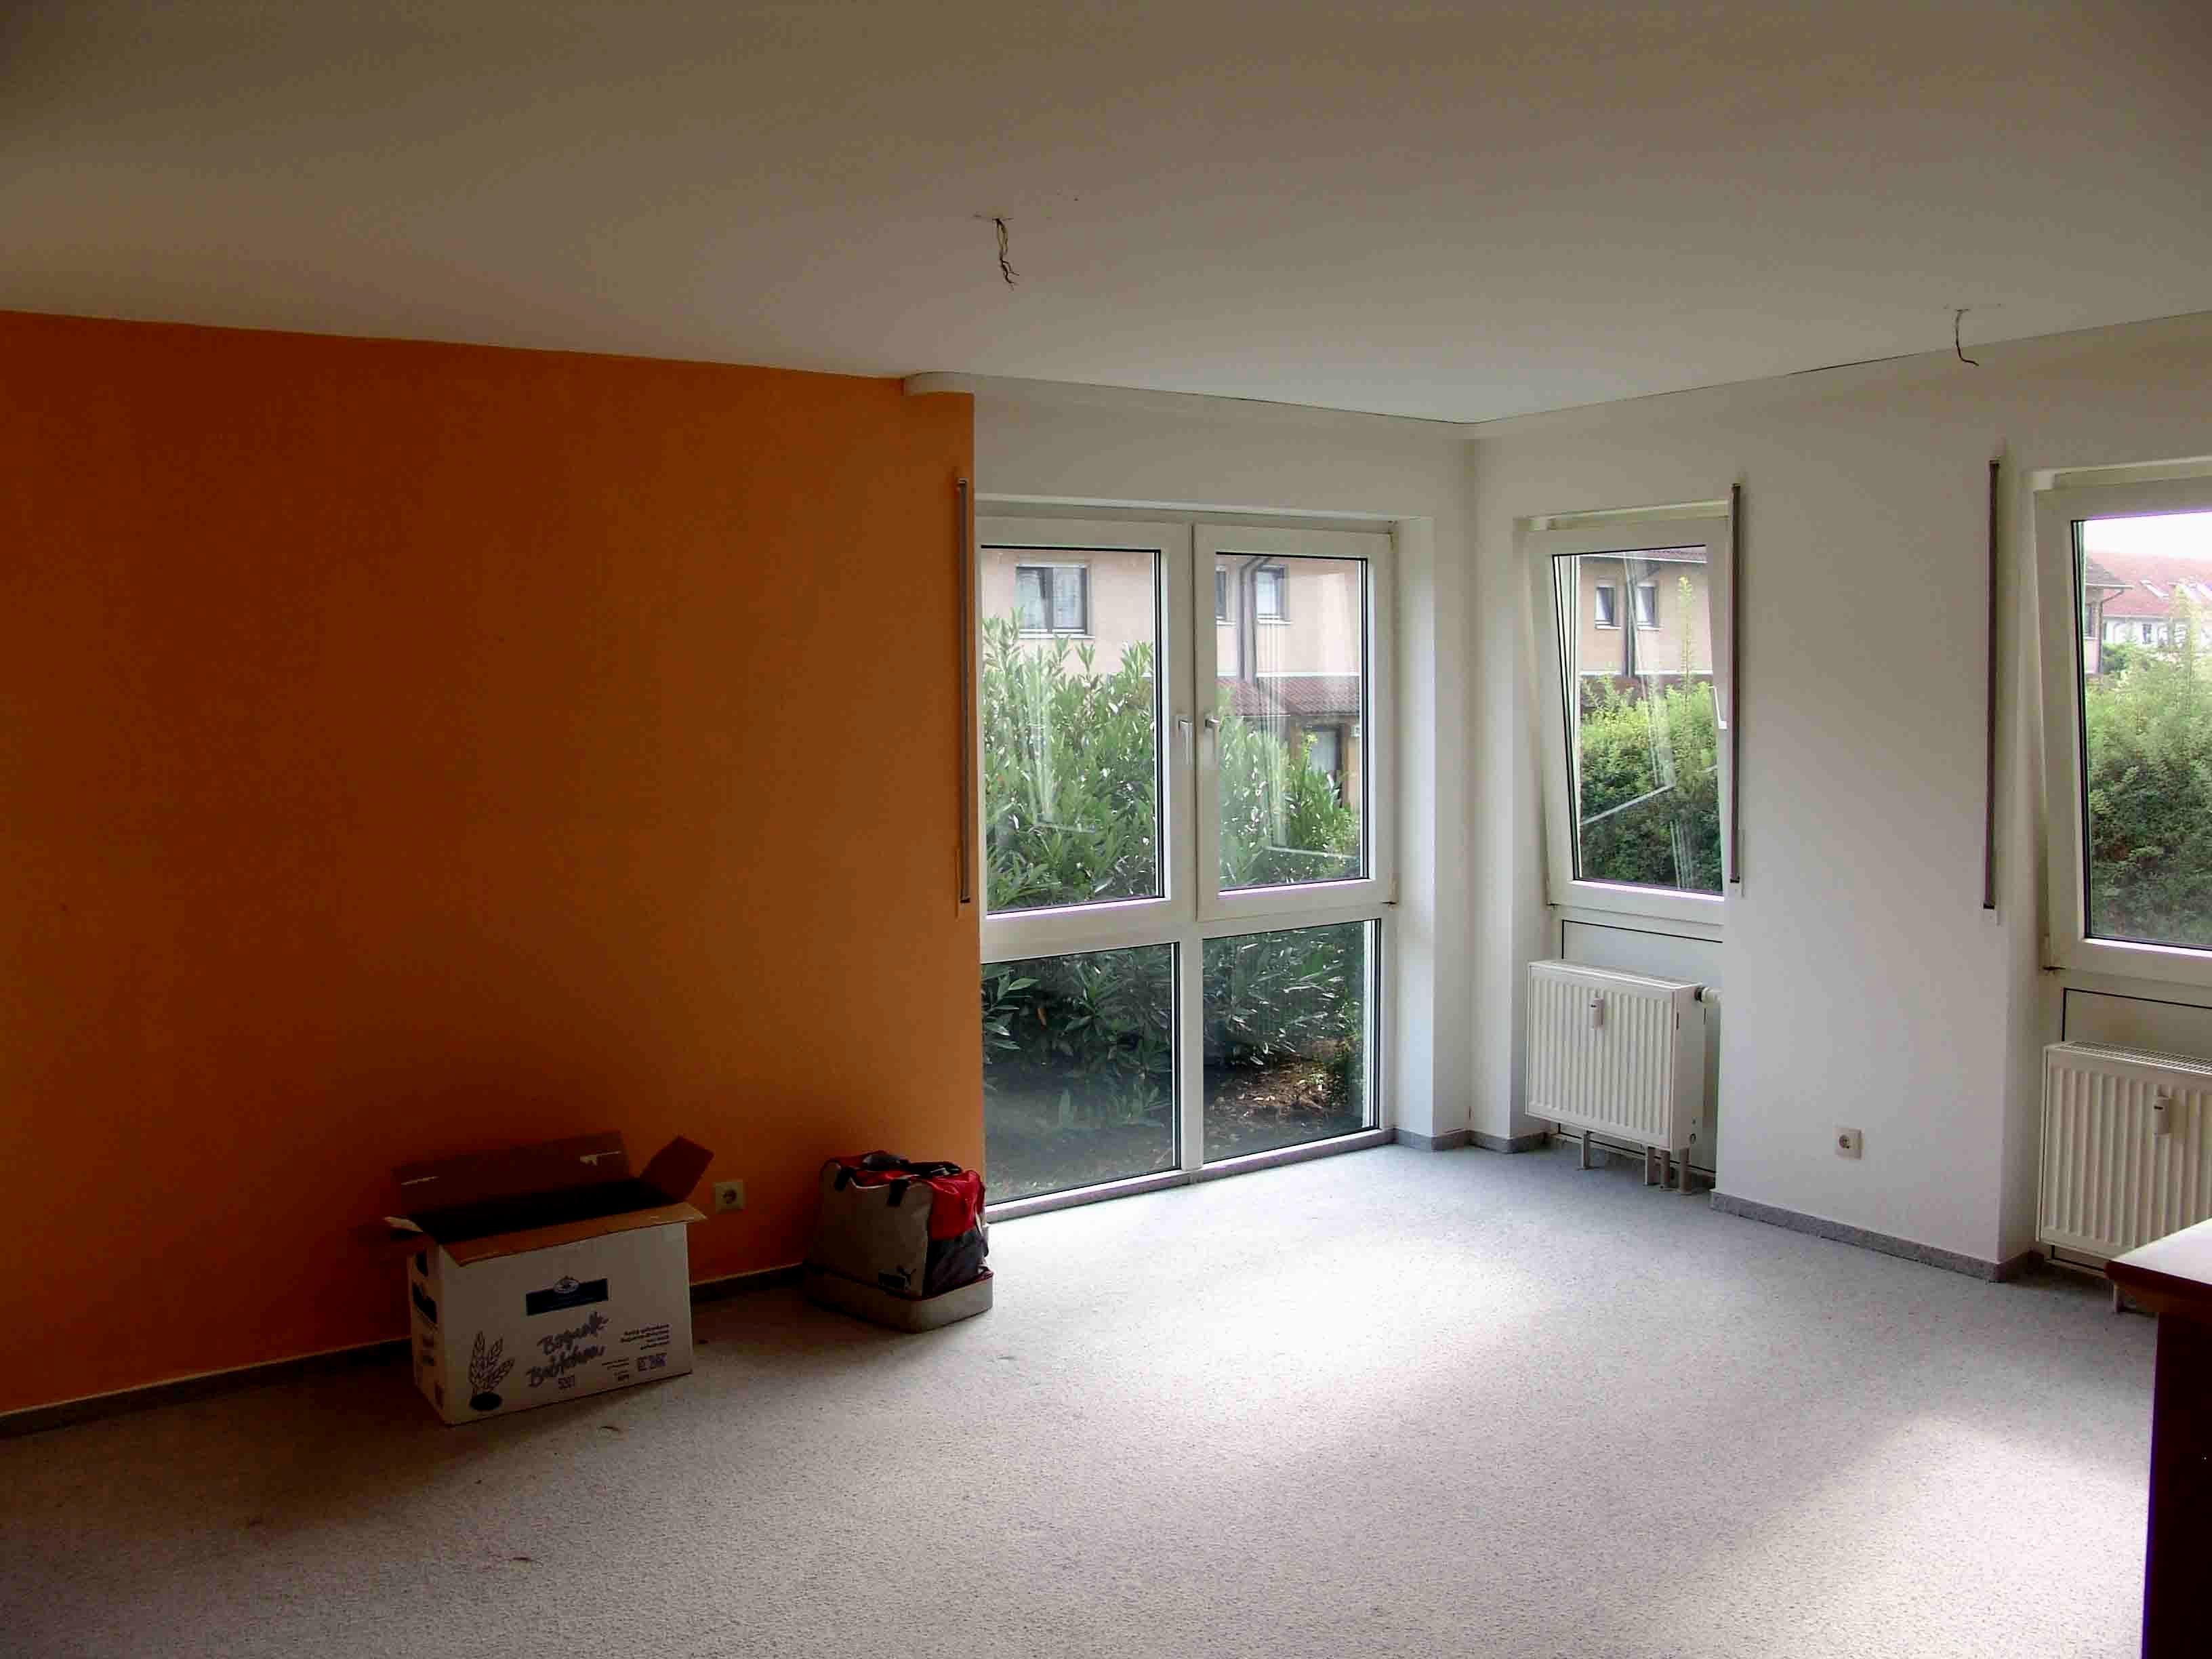 Wohnung Mieten Karlsruhe  Wohnungen Vermieten